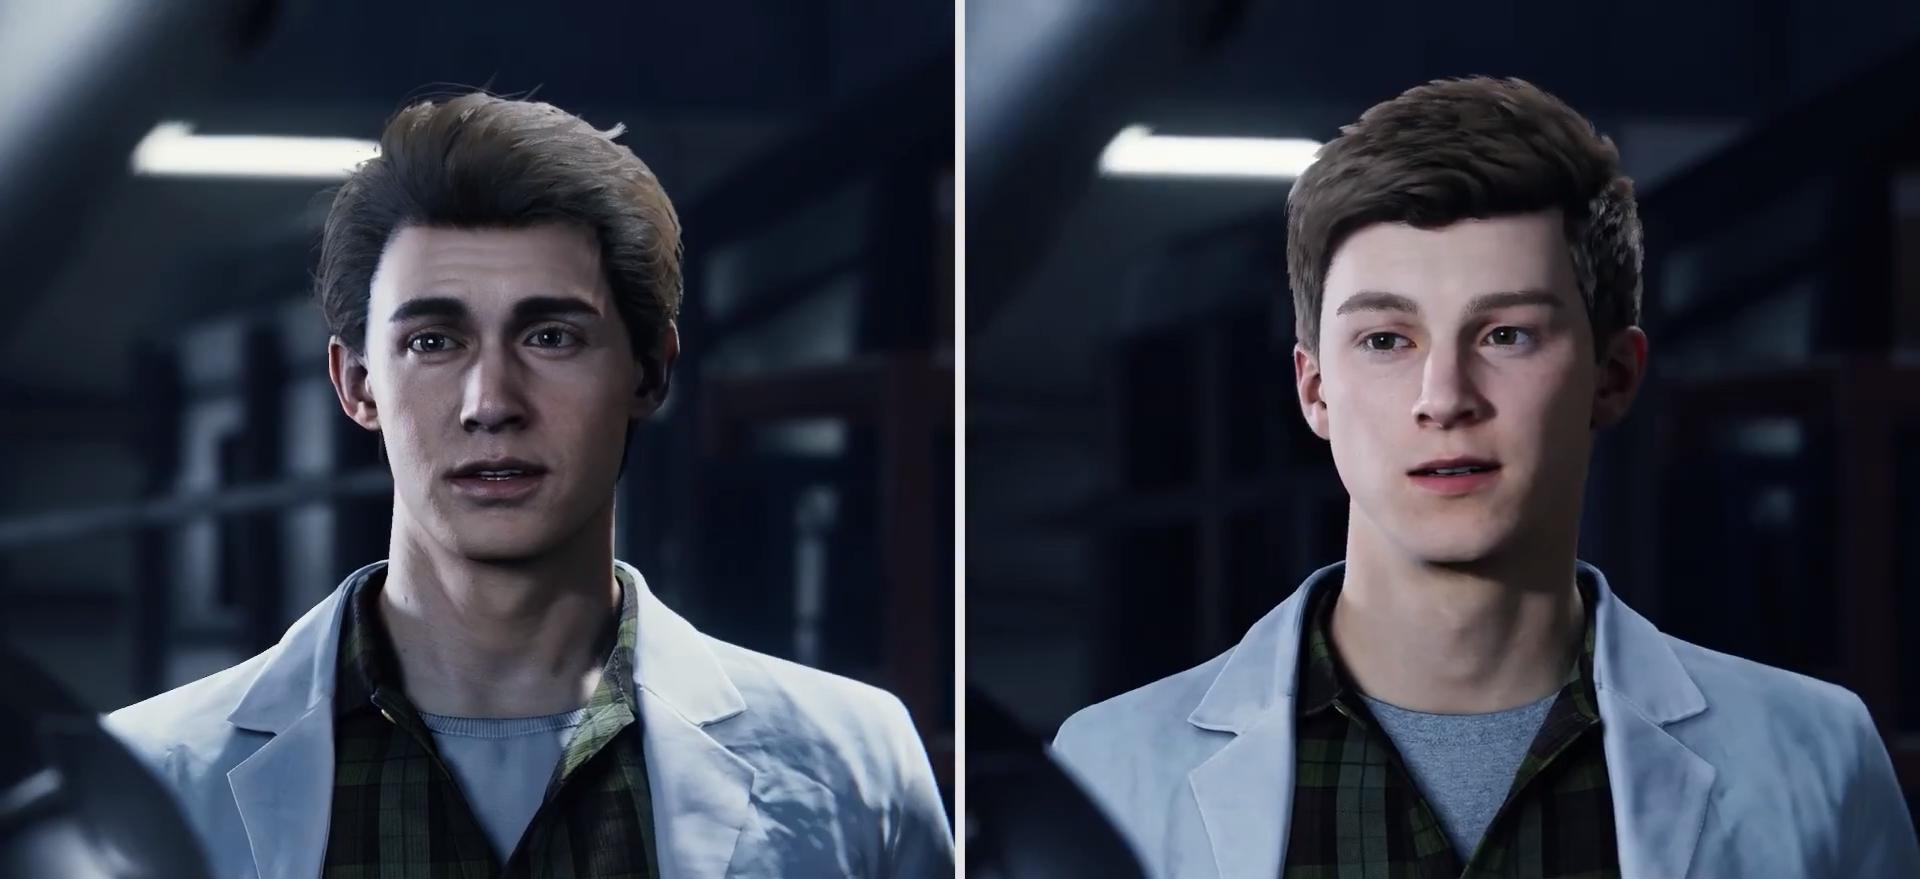 《漫威蜘蛛侠》重制版演员谈脸模更换:理解粉丝不满